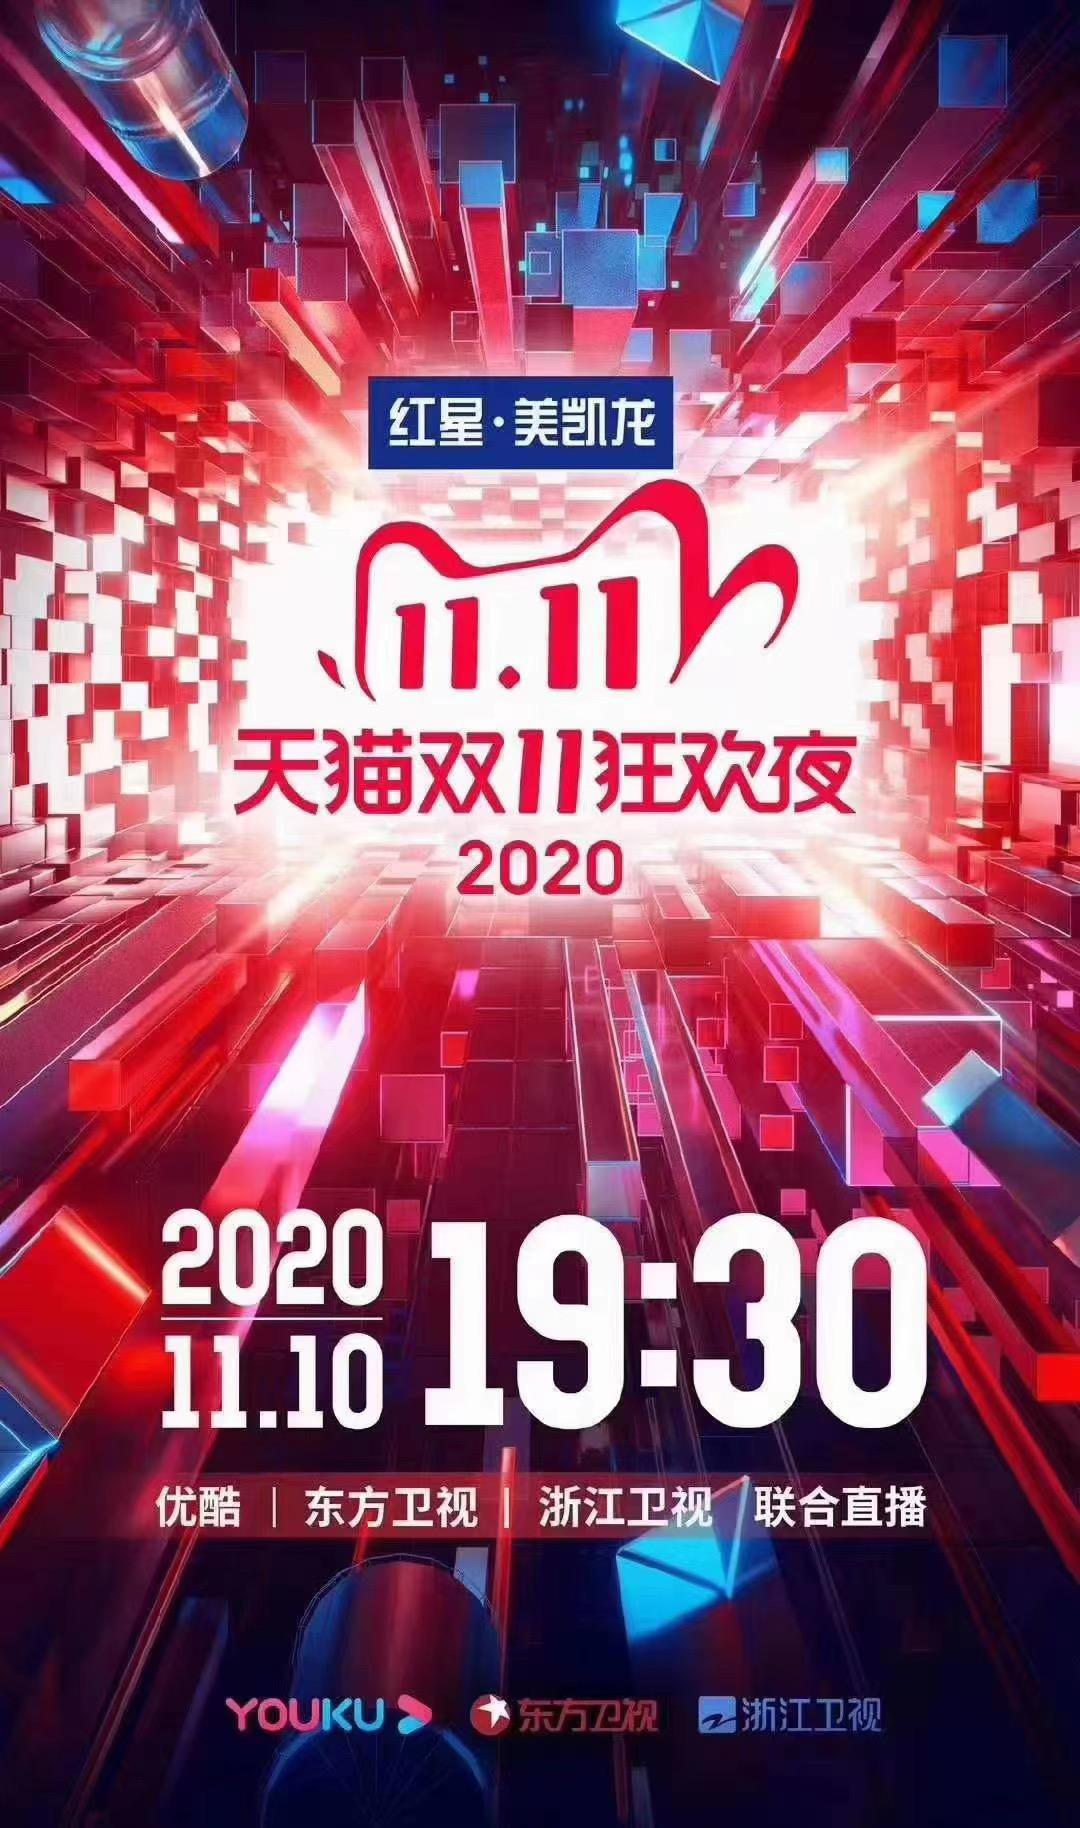 2020上海天猫双十一狂欢夜